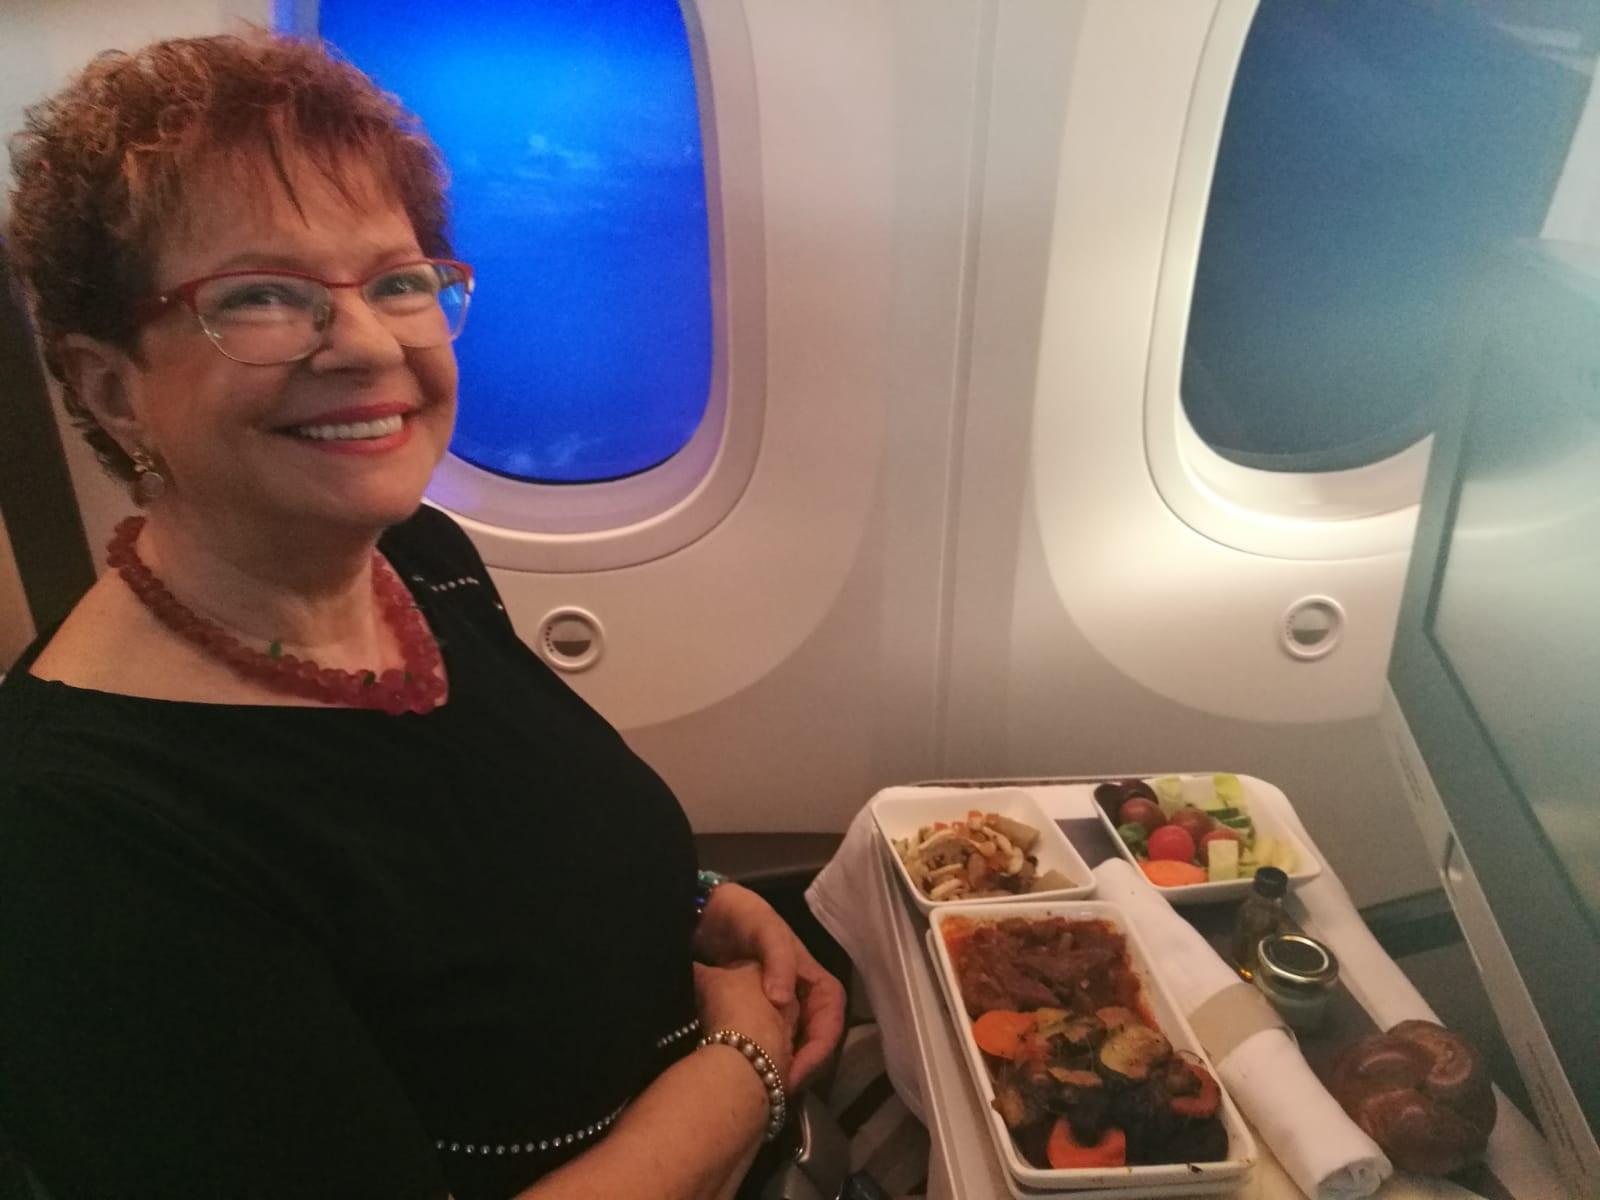 """תמונה שנשלחה ע""""י עירית רוזנבלום ממטוס אל על בדרכו לפריס באמצעות ה- WIFI. צילום IAS"""